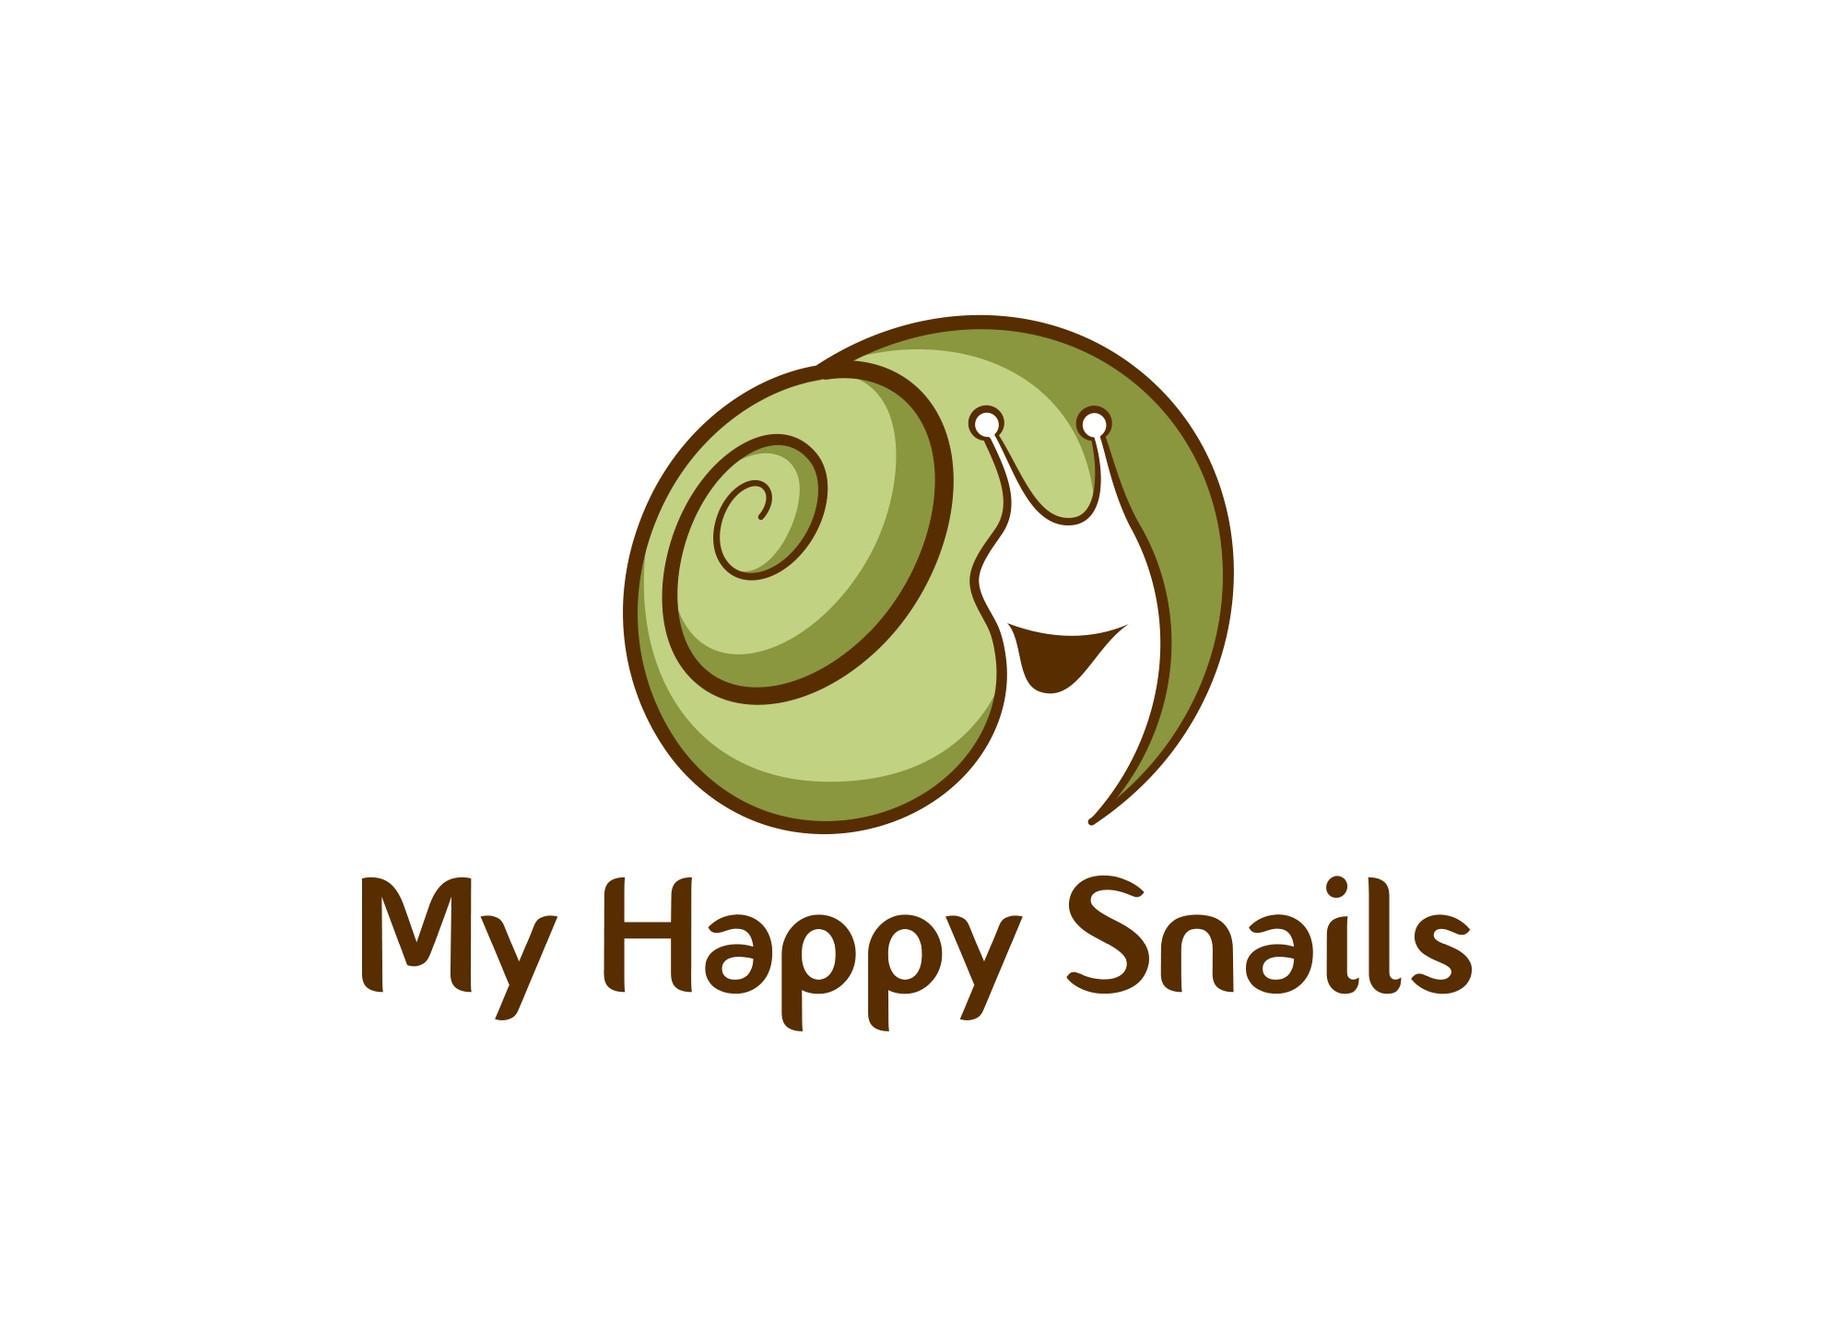 www.myhappysnails.com